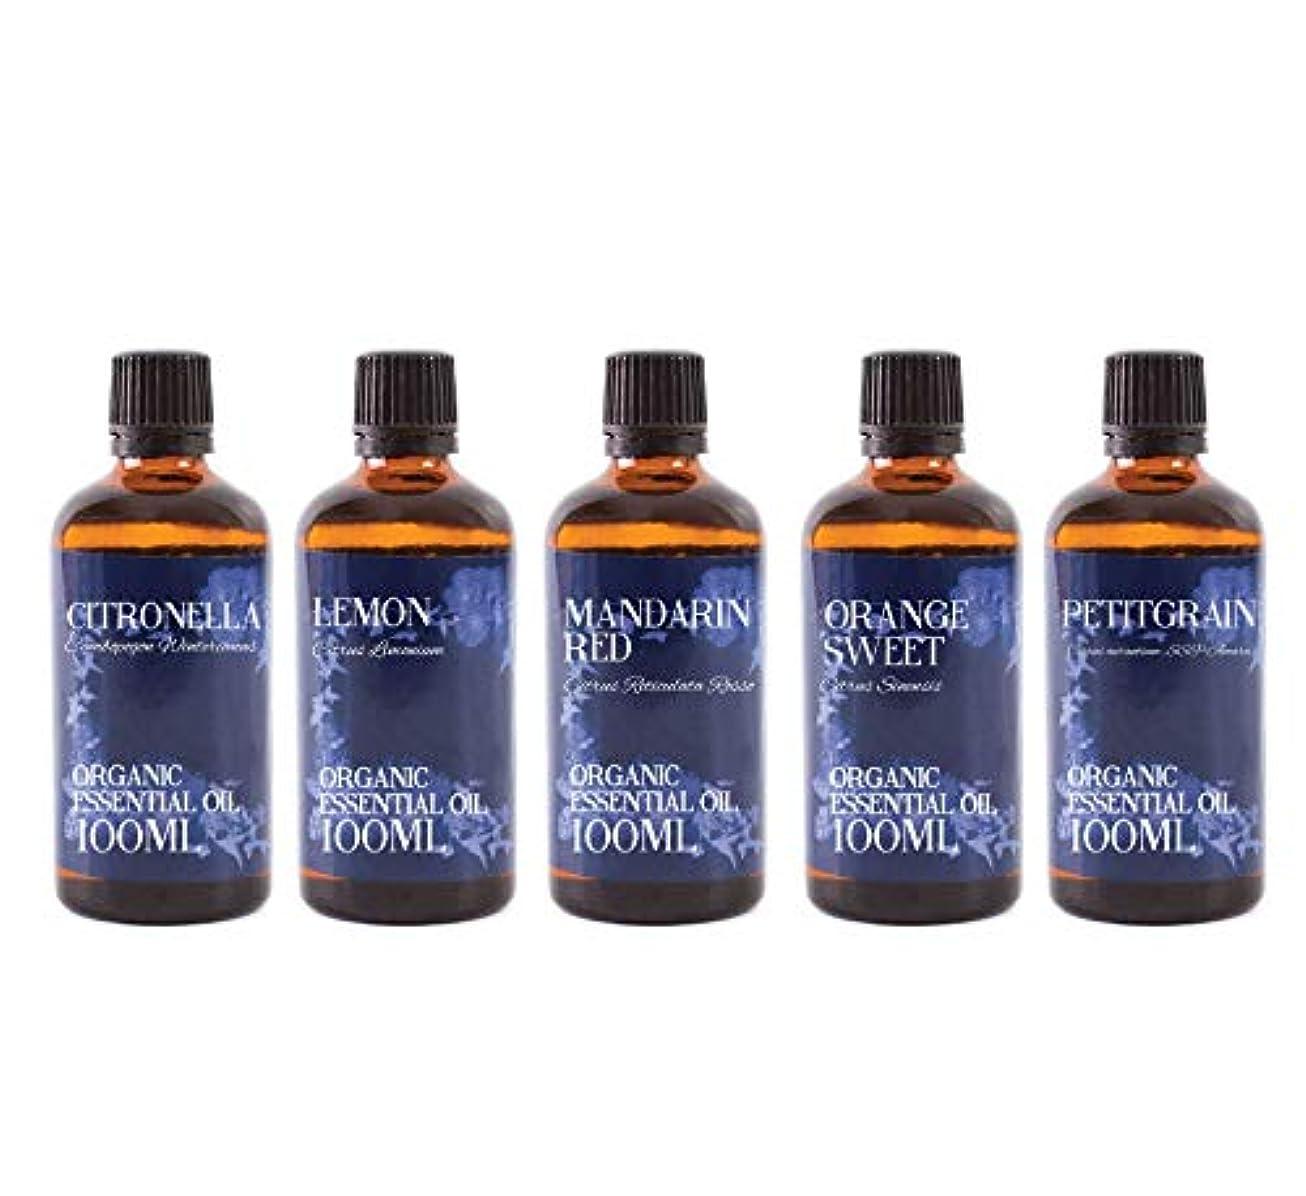 保安不要付き添い人Mystic Moments   Essential Oil Starter Pack - Organic Citrus Oils - 5 x 100ml - 100% Pure